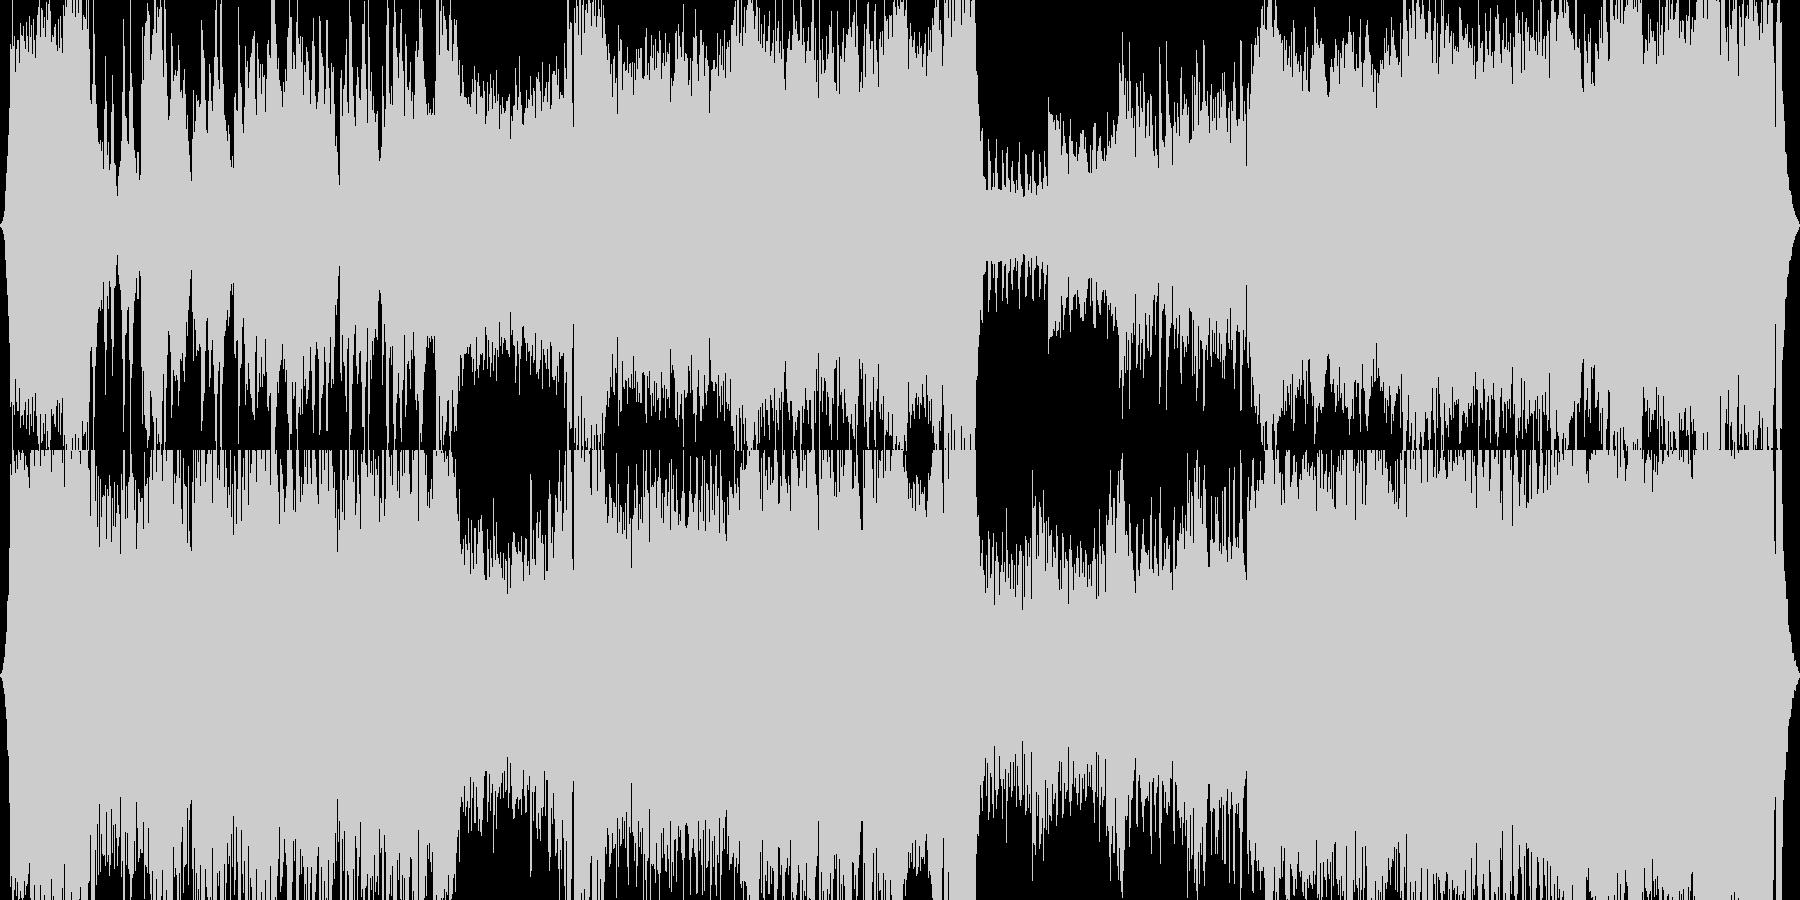 オーケストラ、テーマ曲、オープニングの未再生の波形